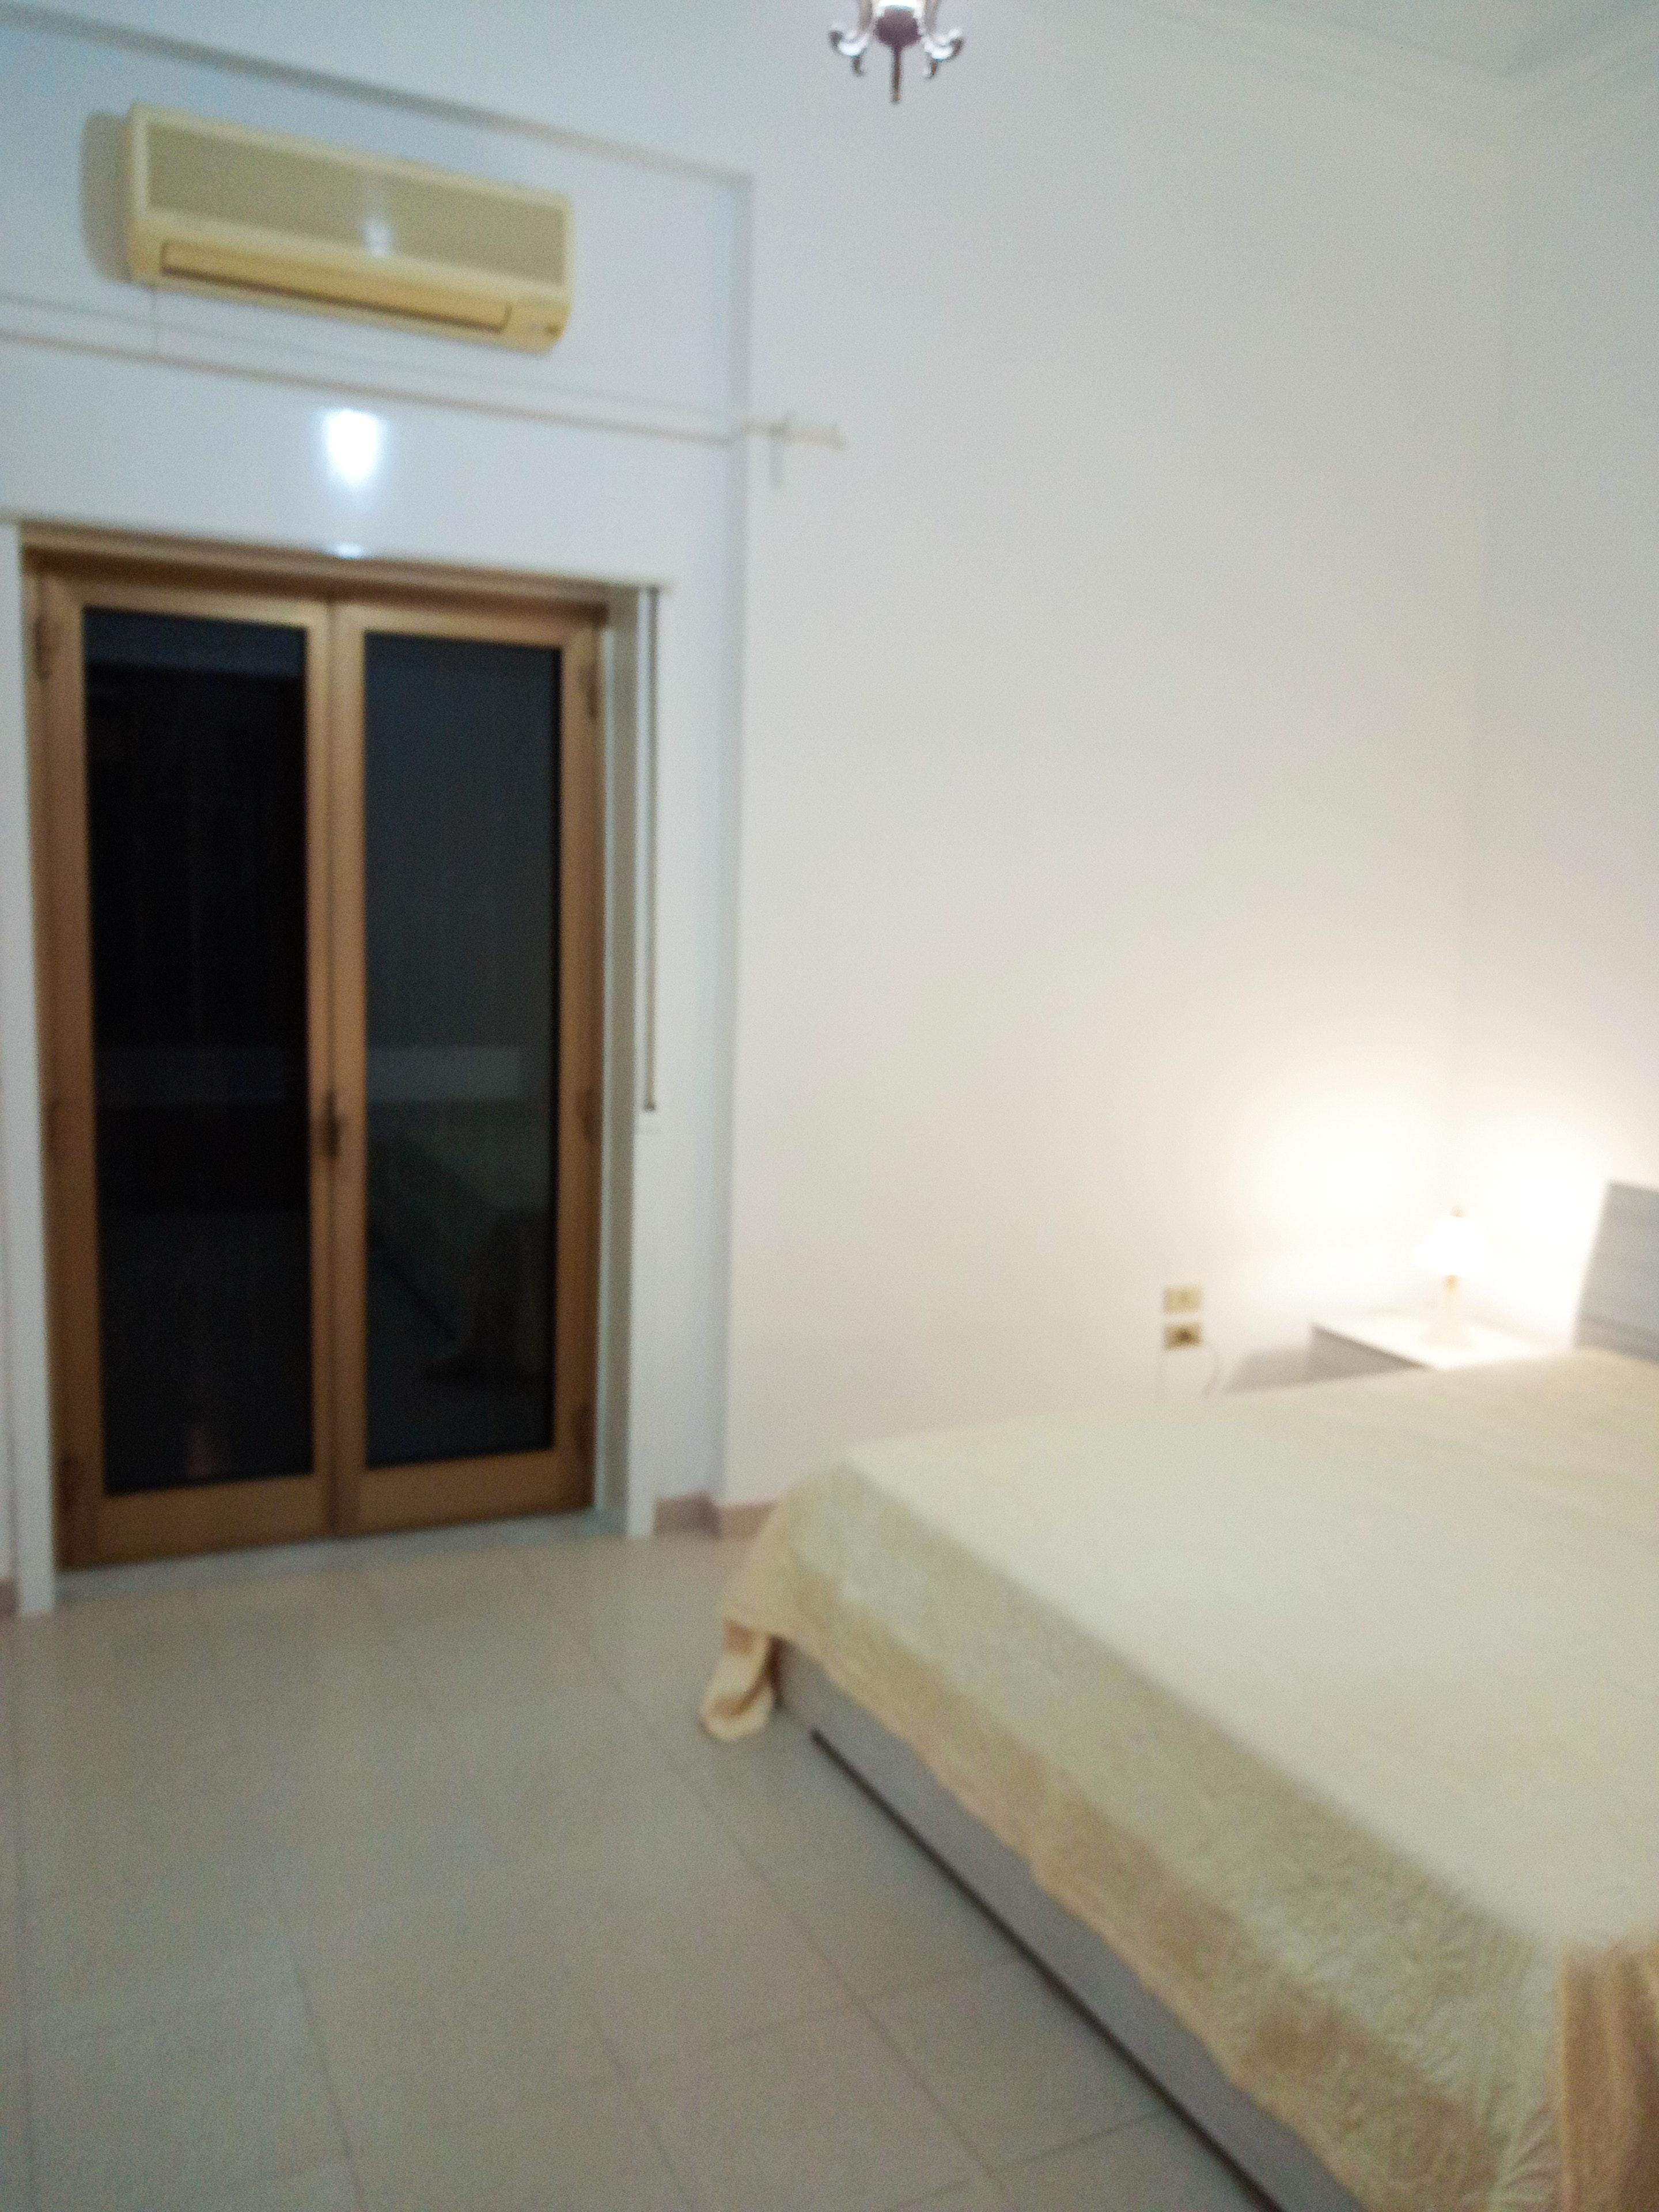 Ferienwohnung Wohnung mit 2 Schlafzimmern in Catania mit schöner Aussicht auf die Stadt, Balkon und W-LA (2807670), Catania, Catania, Sizilien, Italien, Bild 8